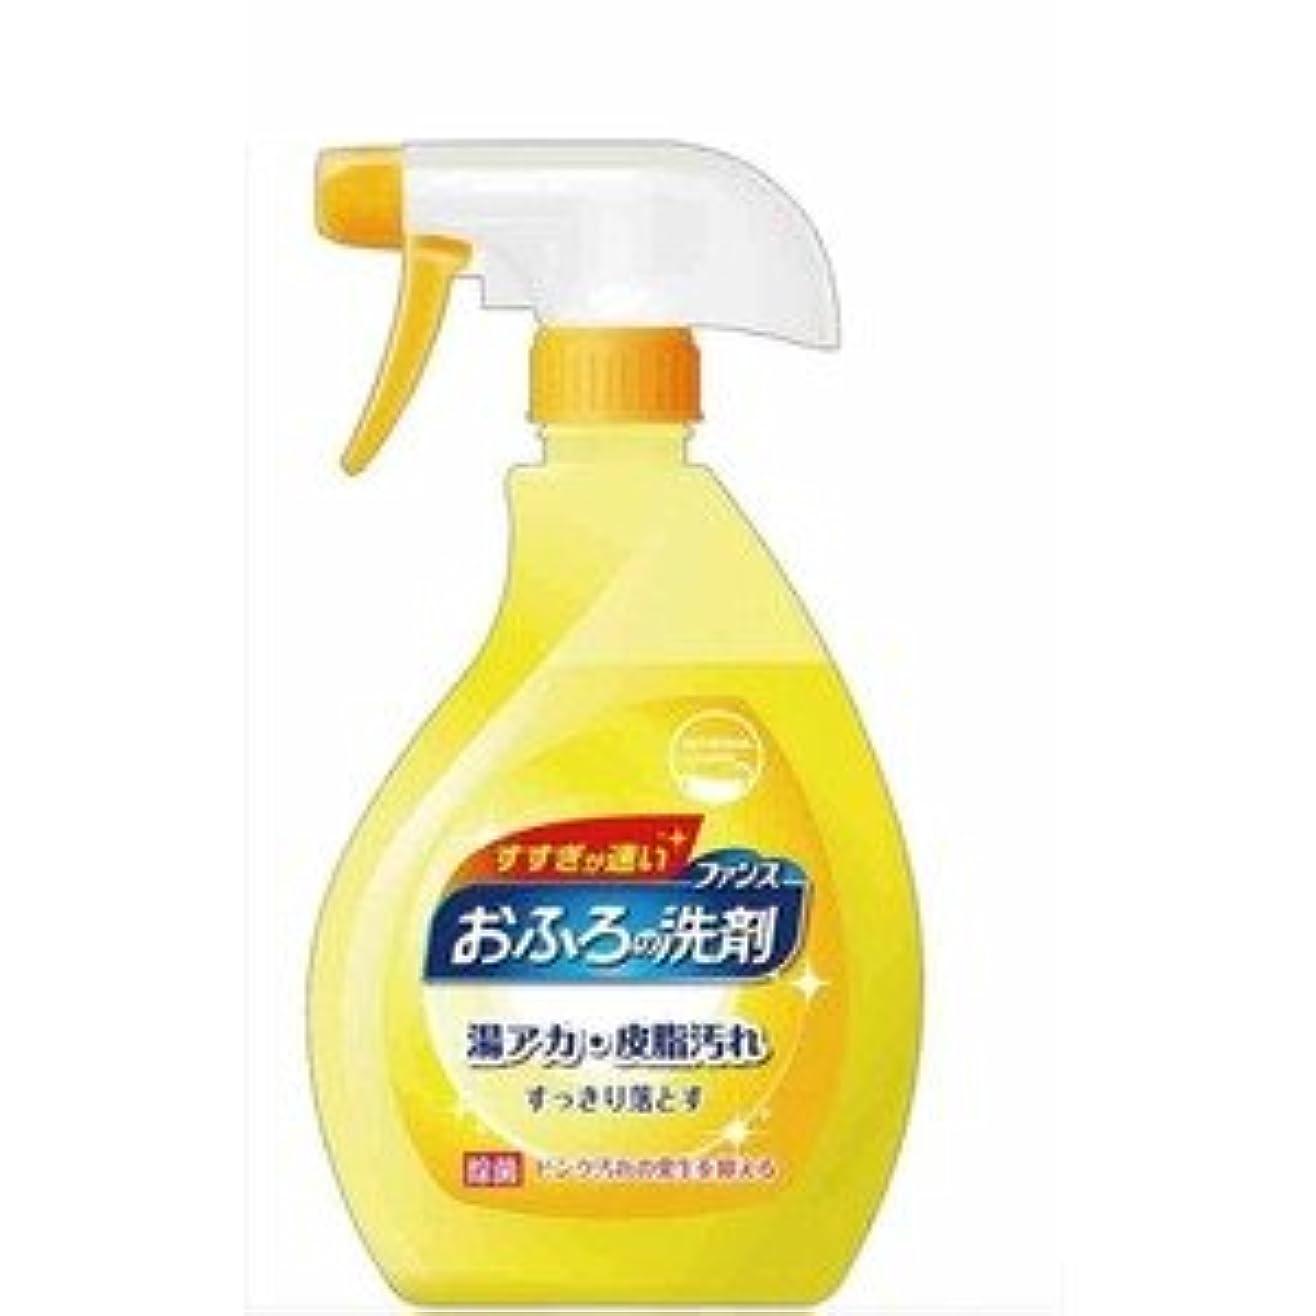 スコットランド人魂具体的にルファンスおふろの洗剤オレンジミント本体380ml 46-238 【120個セット】